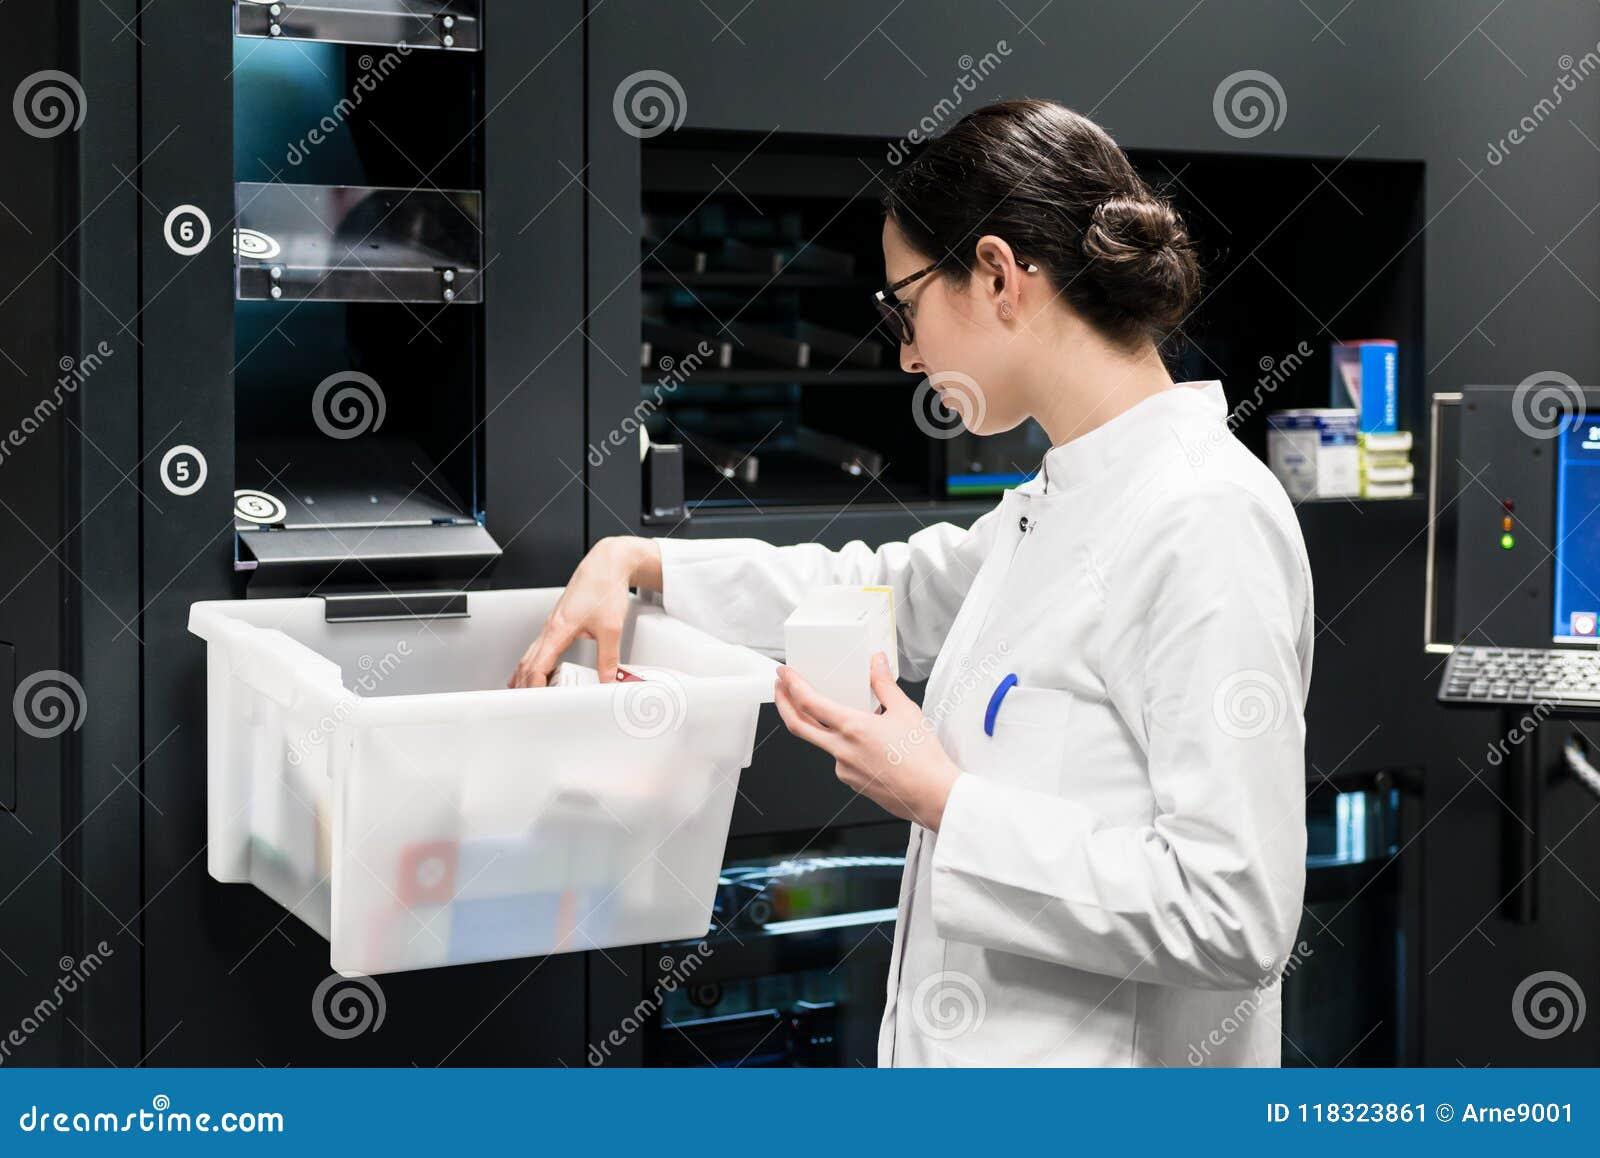 Φαρμακοποιός που επιλέγει τα καλύτερα φάρμακα κατά τη διάρκεια της εργασίας στο φαρμακείο